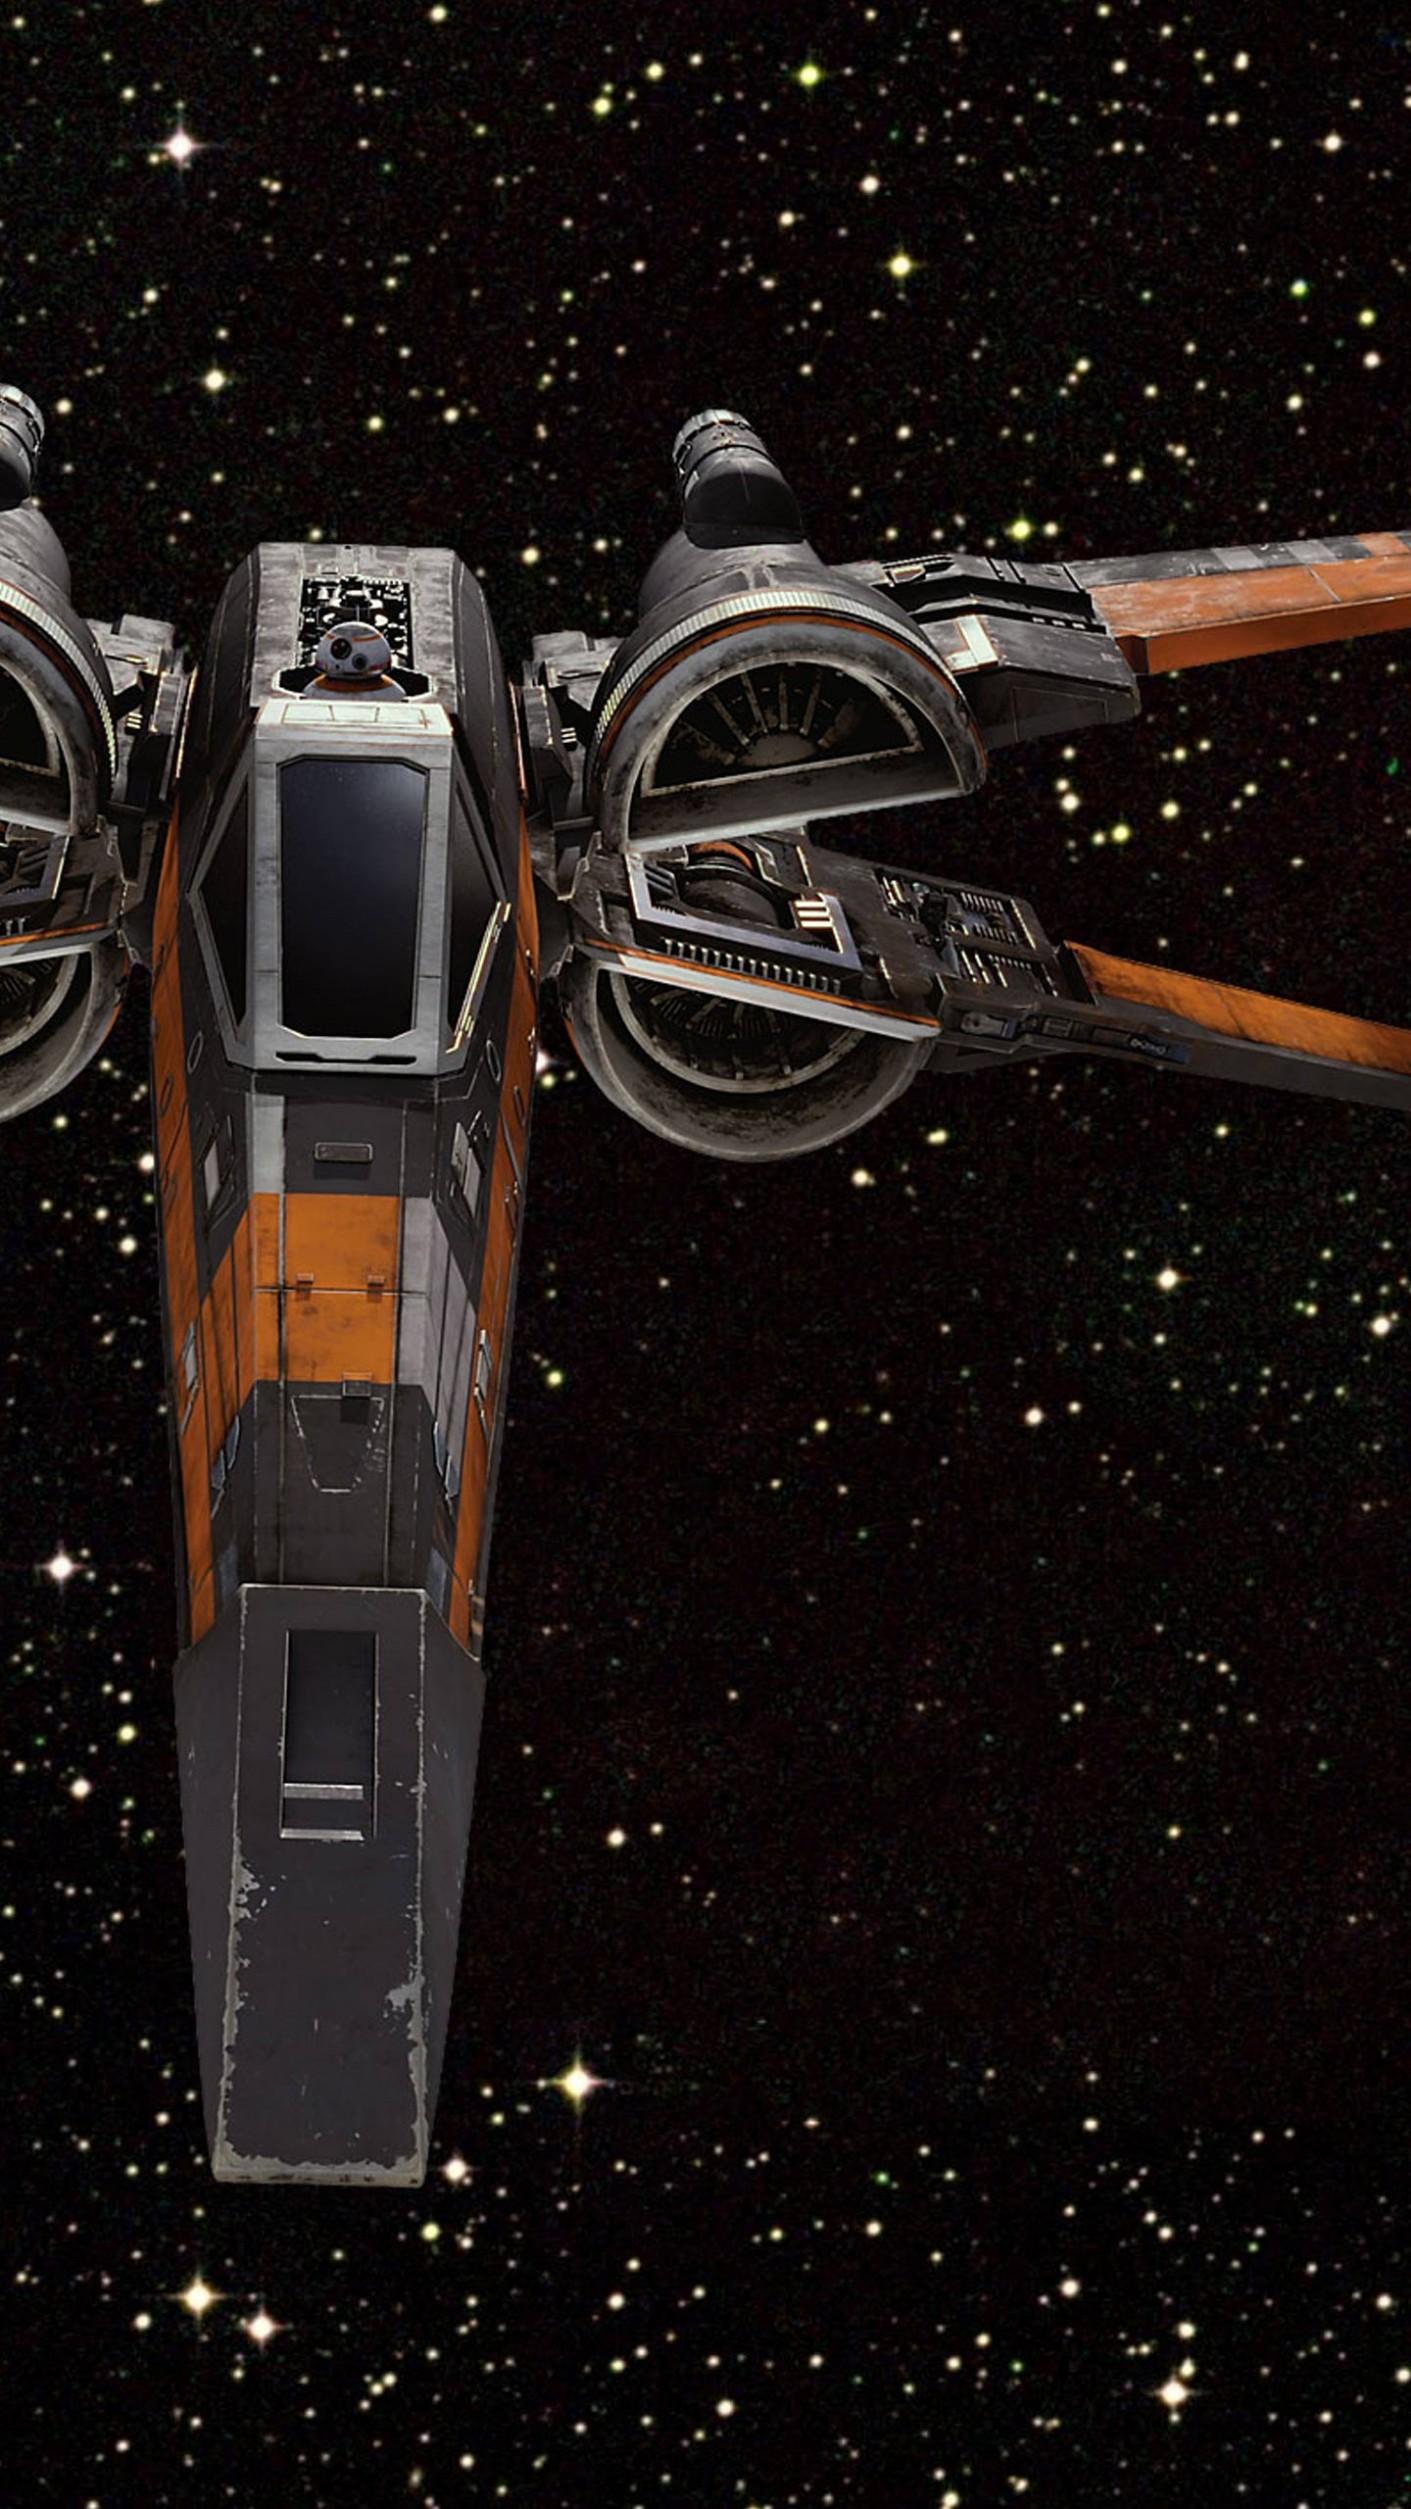 Star Wars Star Wars Wallpaper Hd Iphone X 1411x2509 Wallpaper Teahub Io